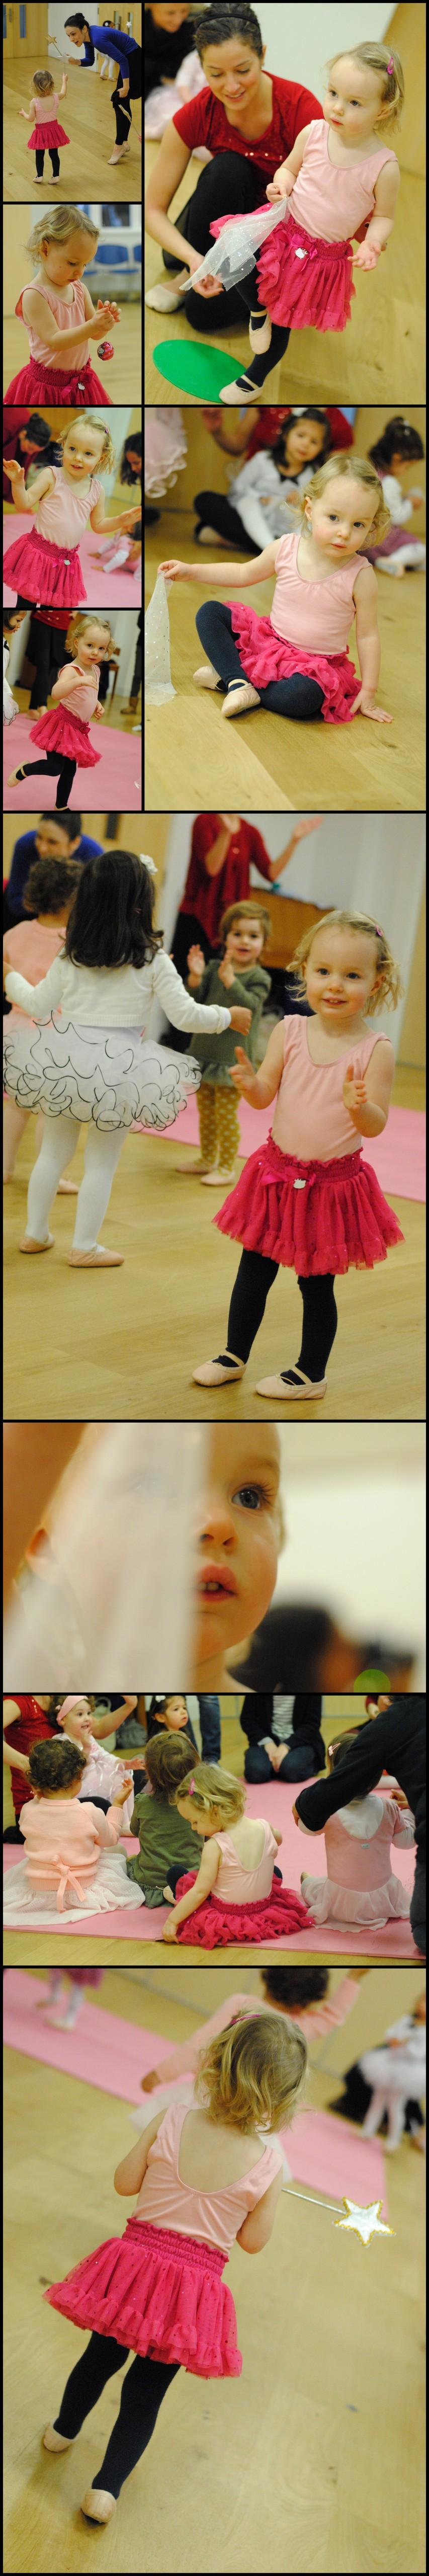 12-3 Ballet